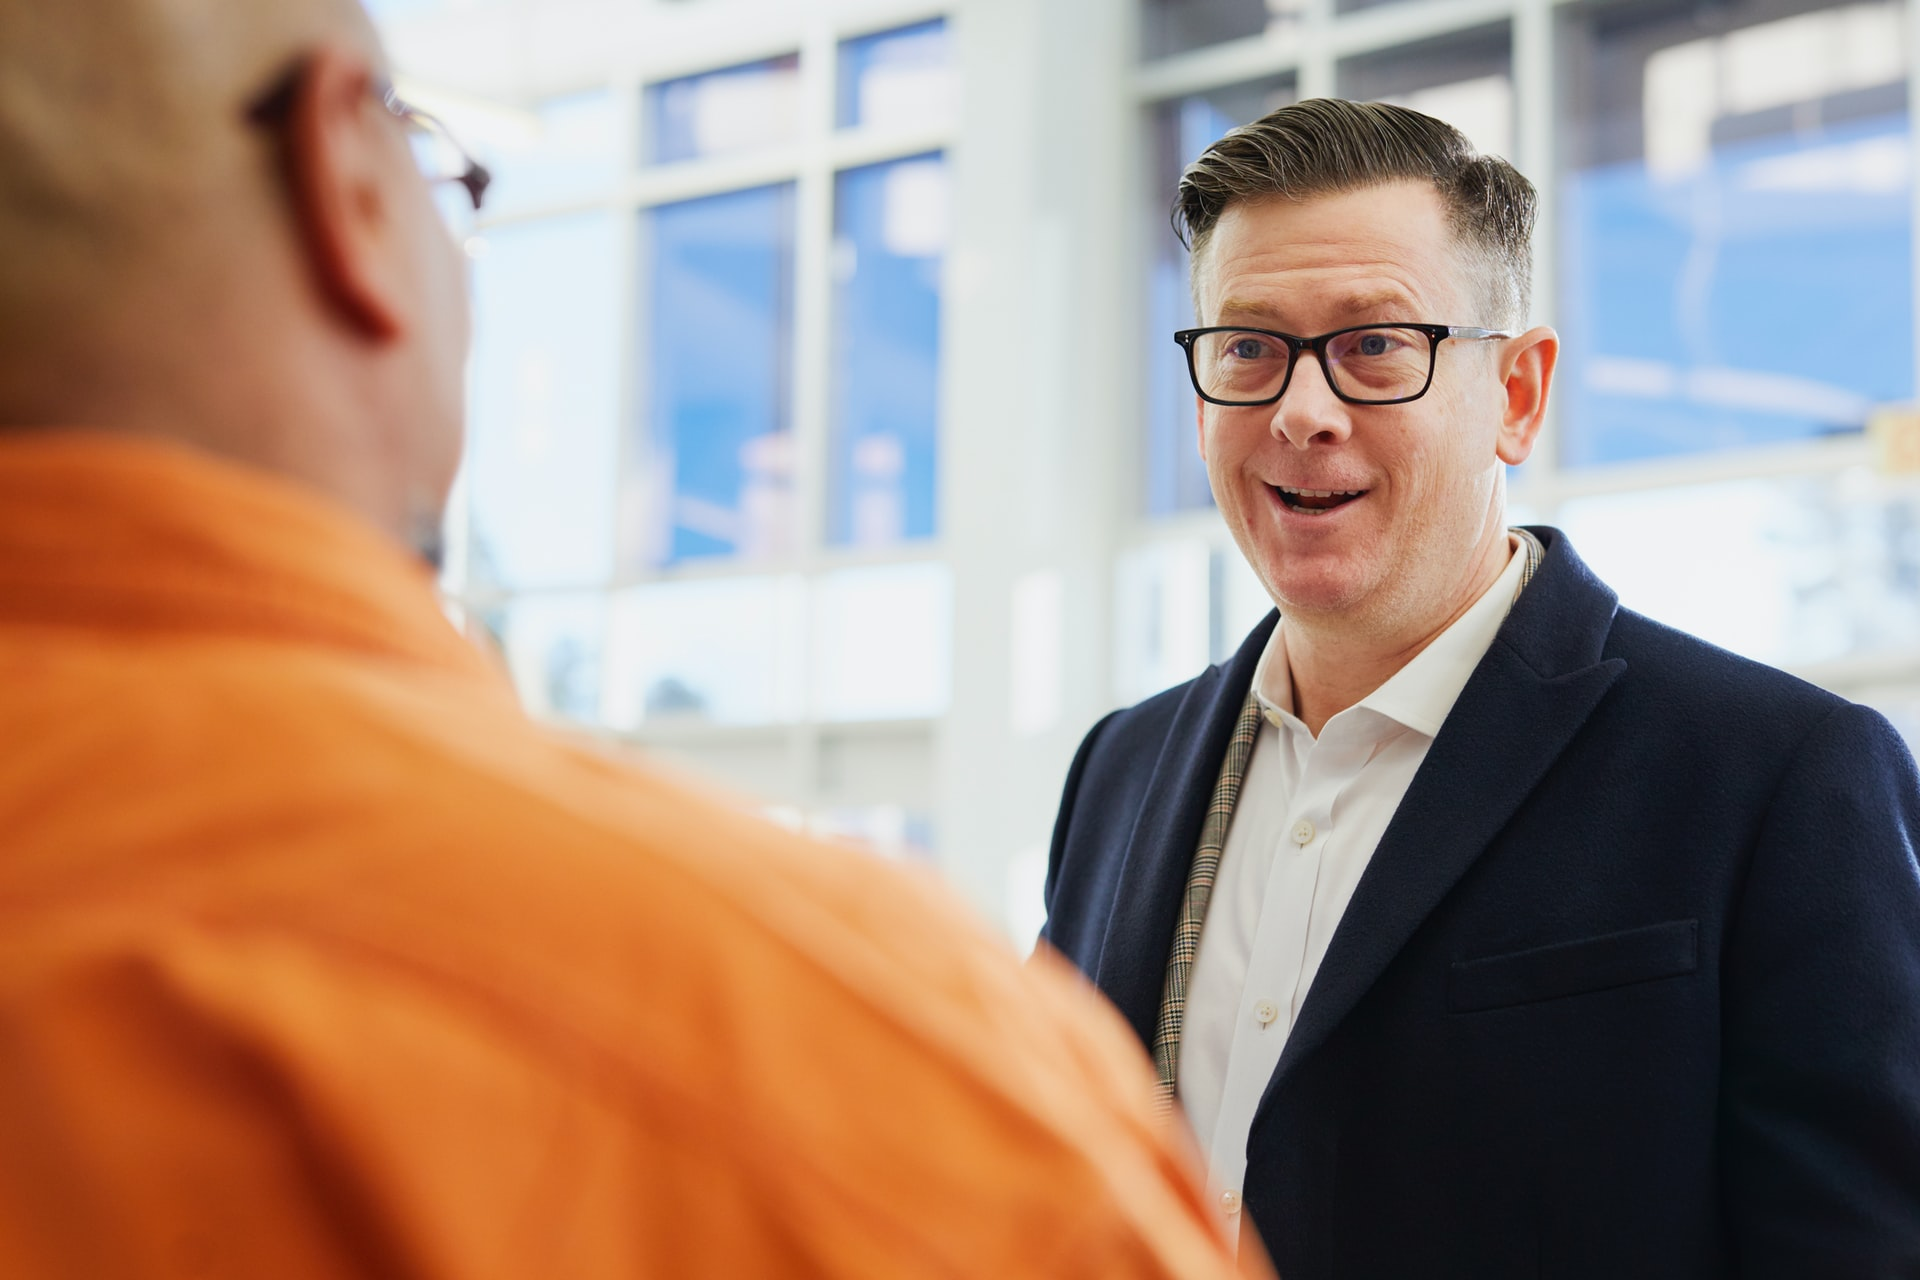 Service interaction. Photo by LinkedIn Sales Navigator on Unsplash.